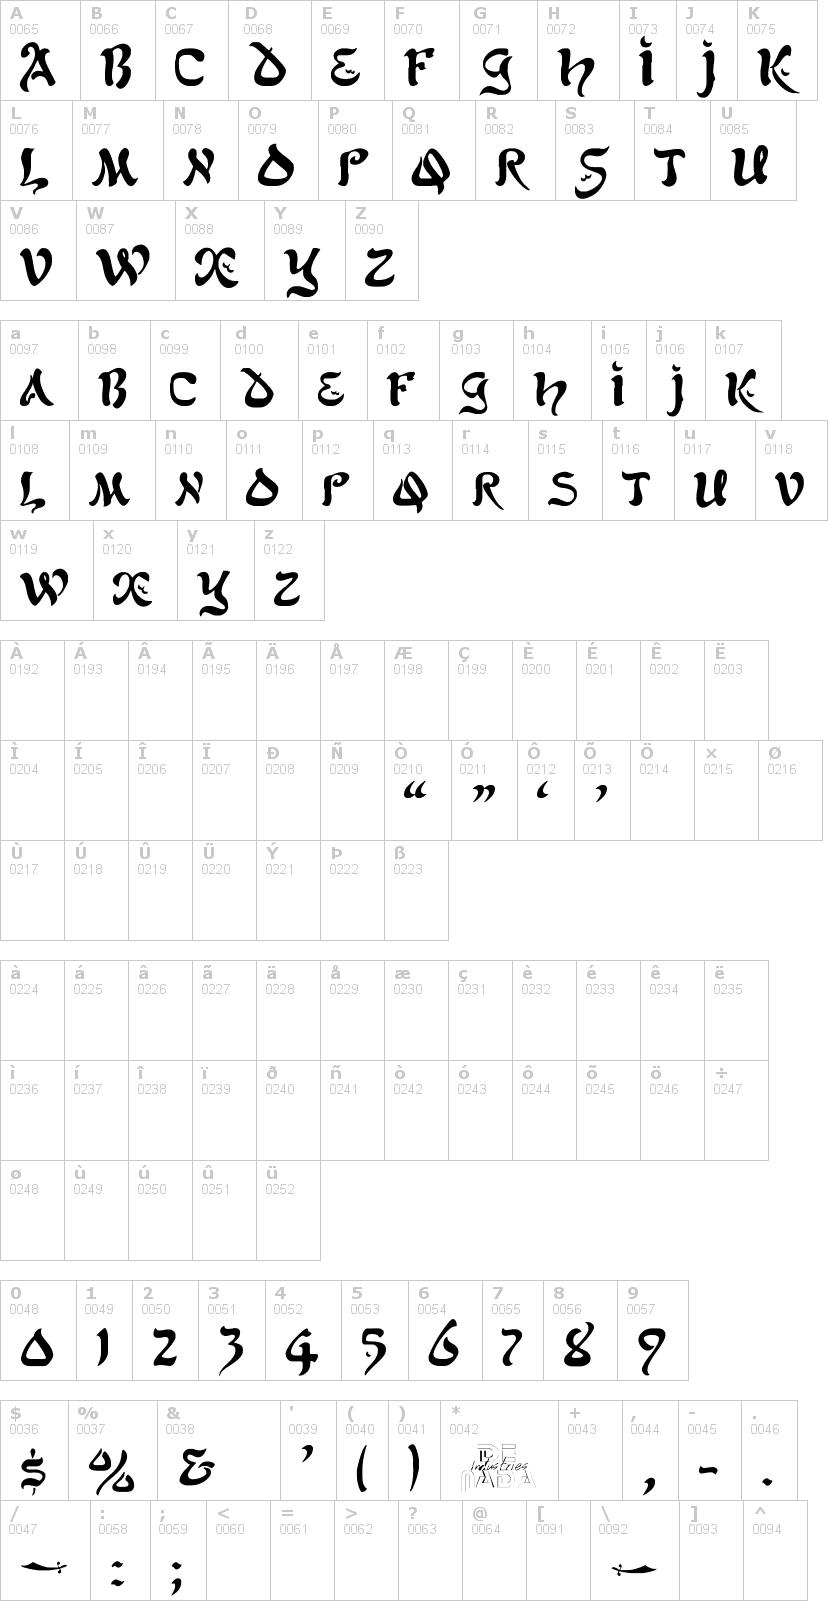 Lettere dell'alfabeto del font alfred-drake con le quali è possibile realizzare adesivi prespaziati